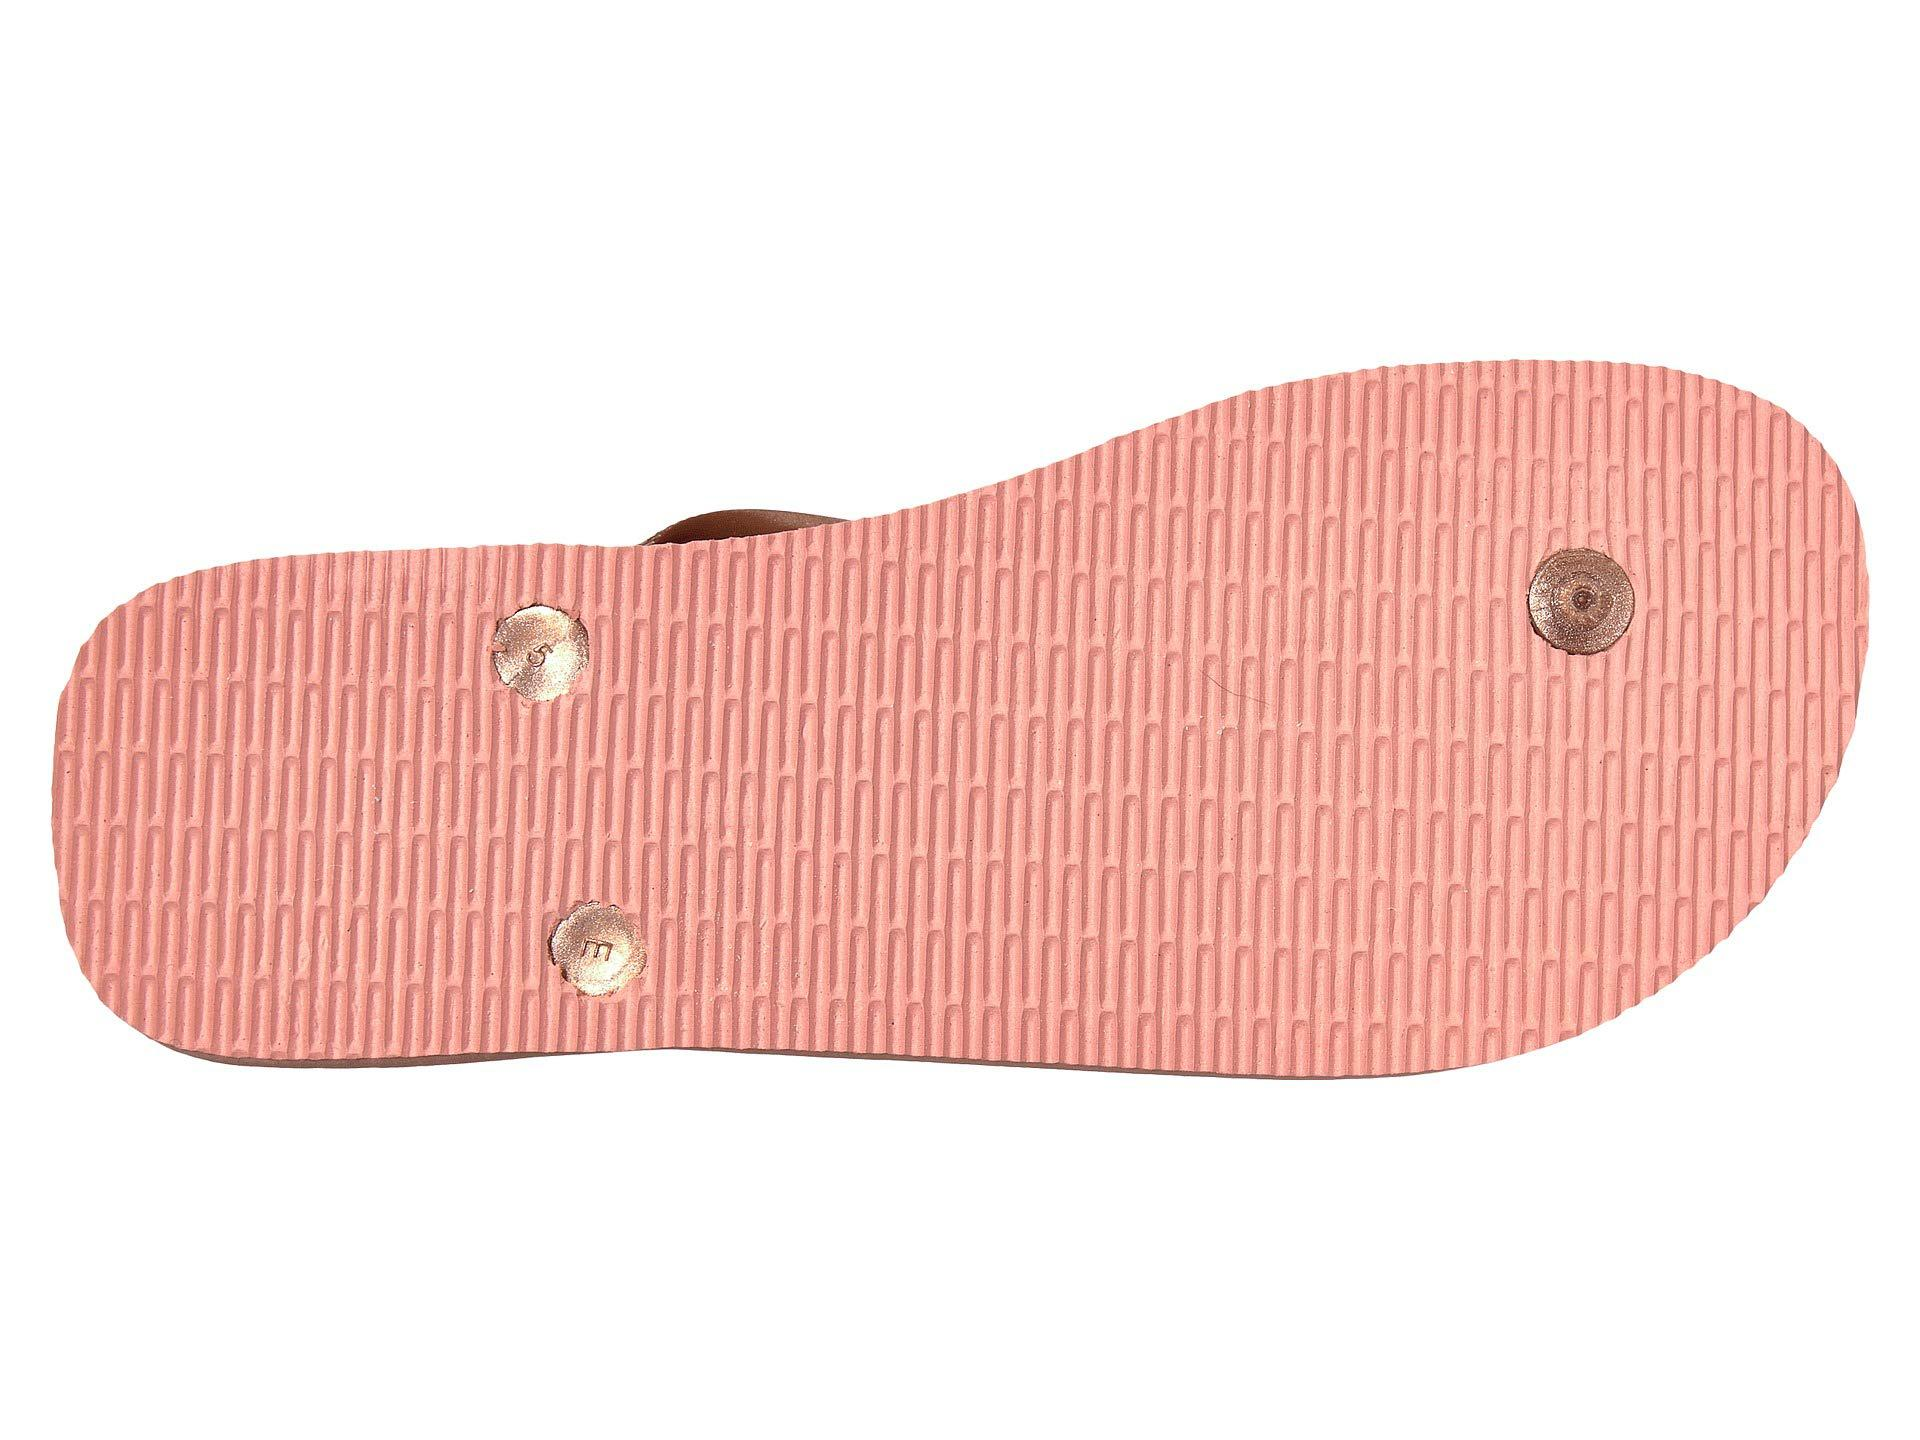 c2201fcc81c87 Havaianas - Pink Top Tiras Flip-flops (steel Grey) Women s Sandals - Lyst.  View fullscreen